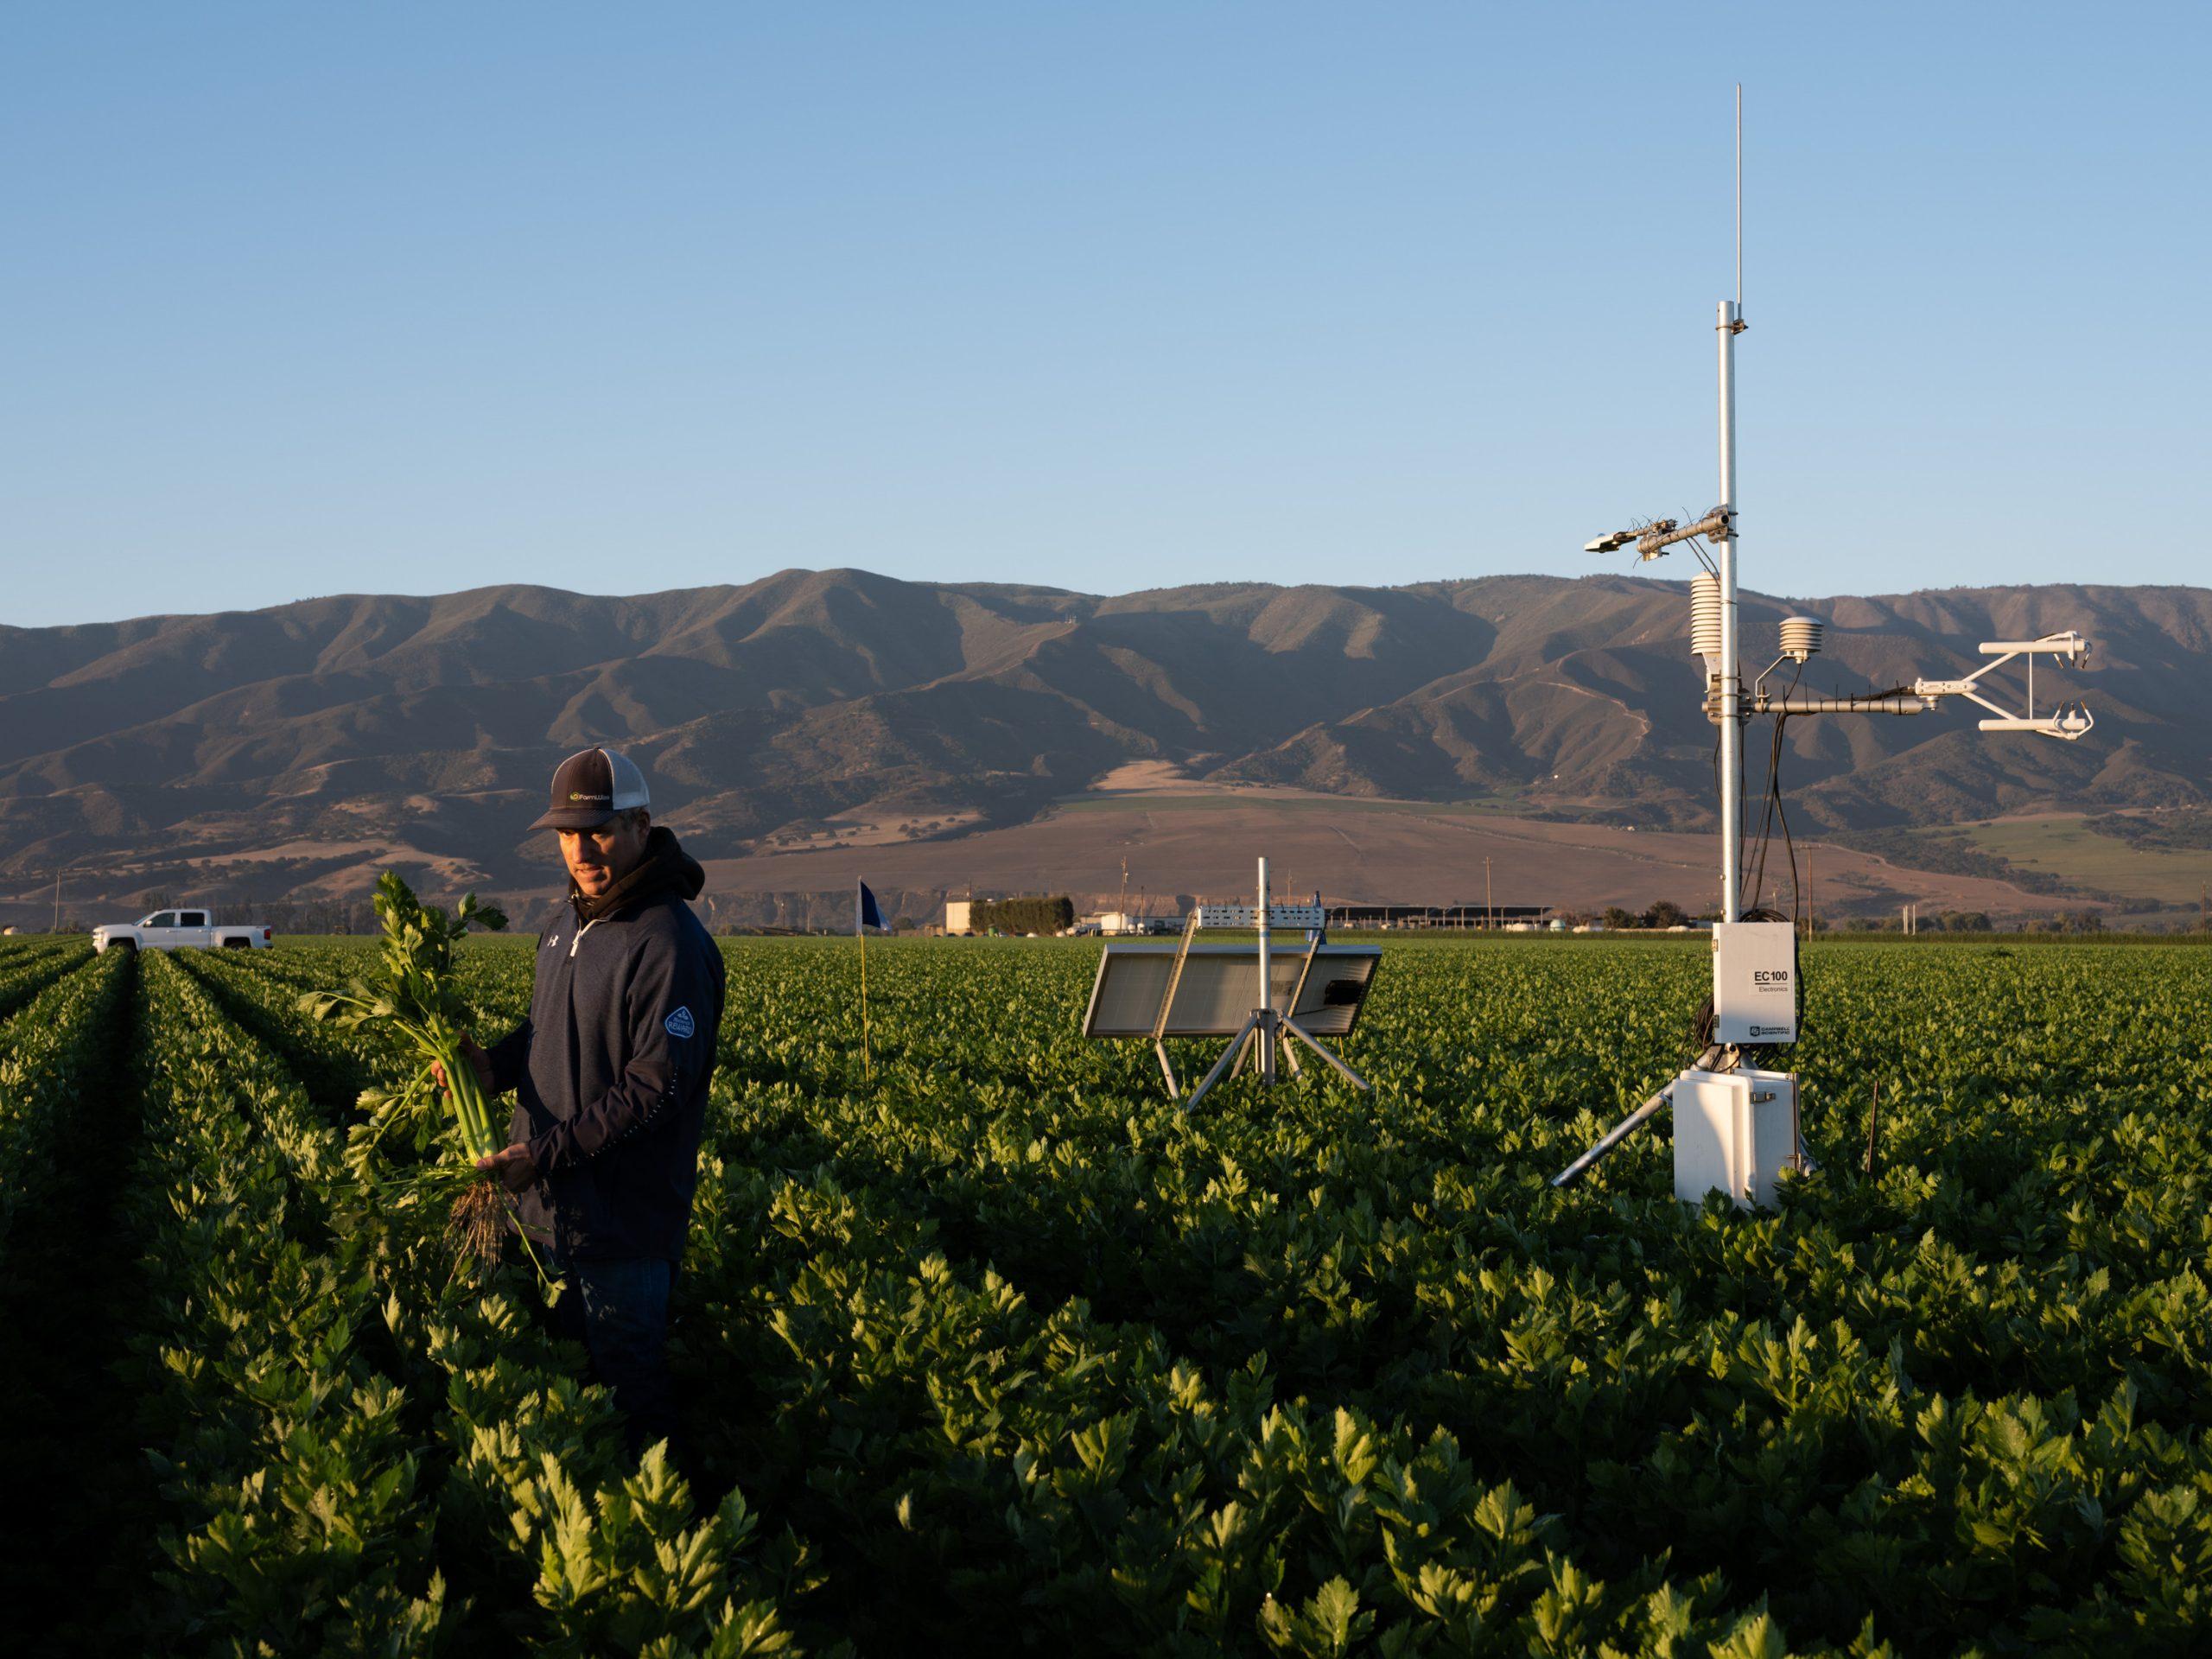 米国のサラダボウルで考えた 農業とアグテックの未来